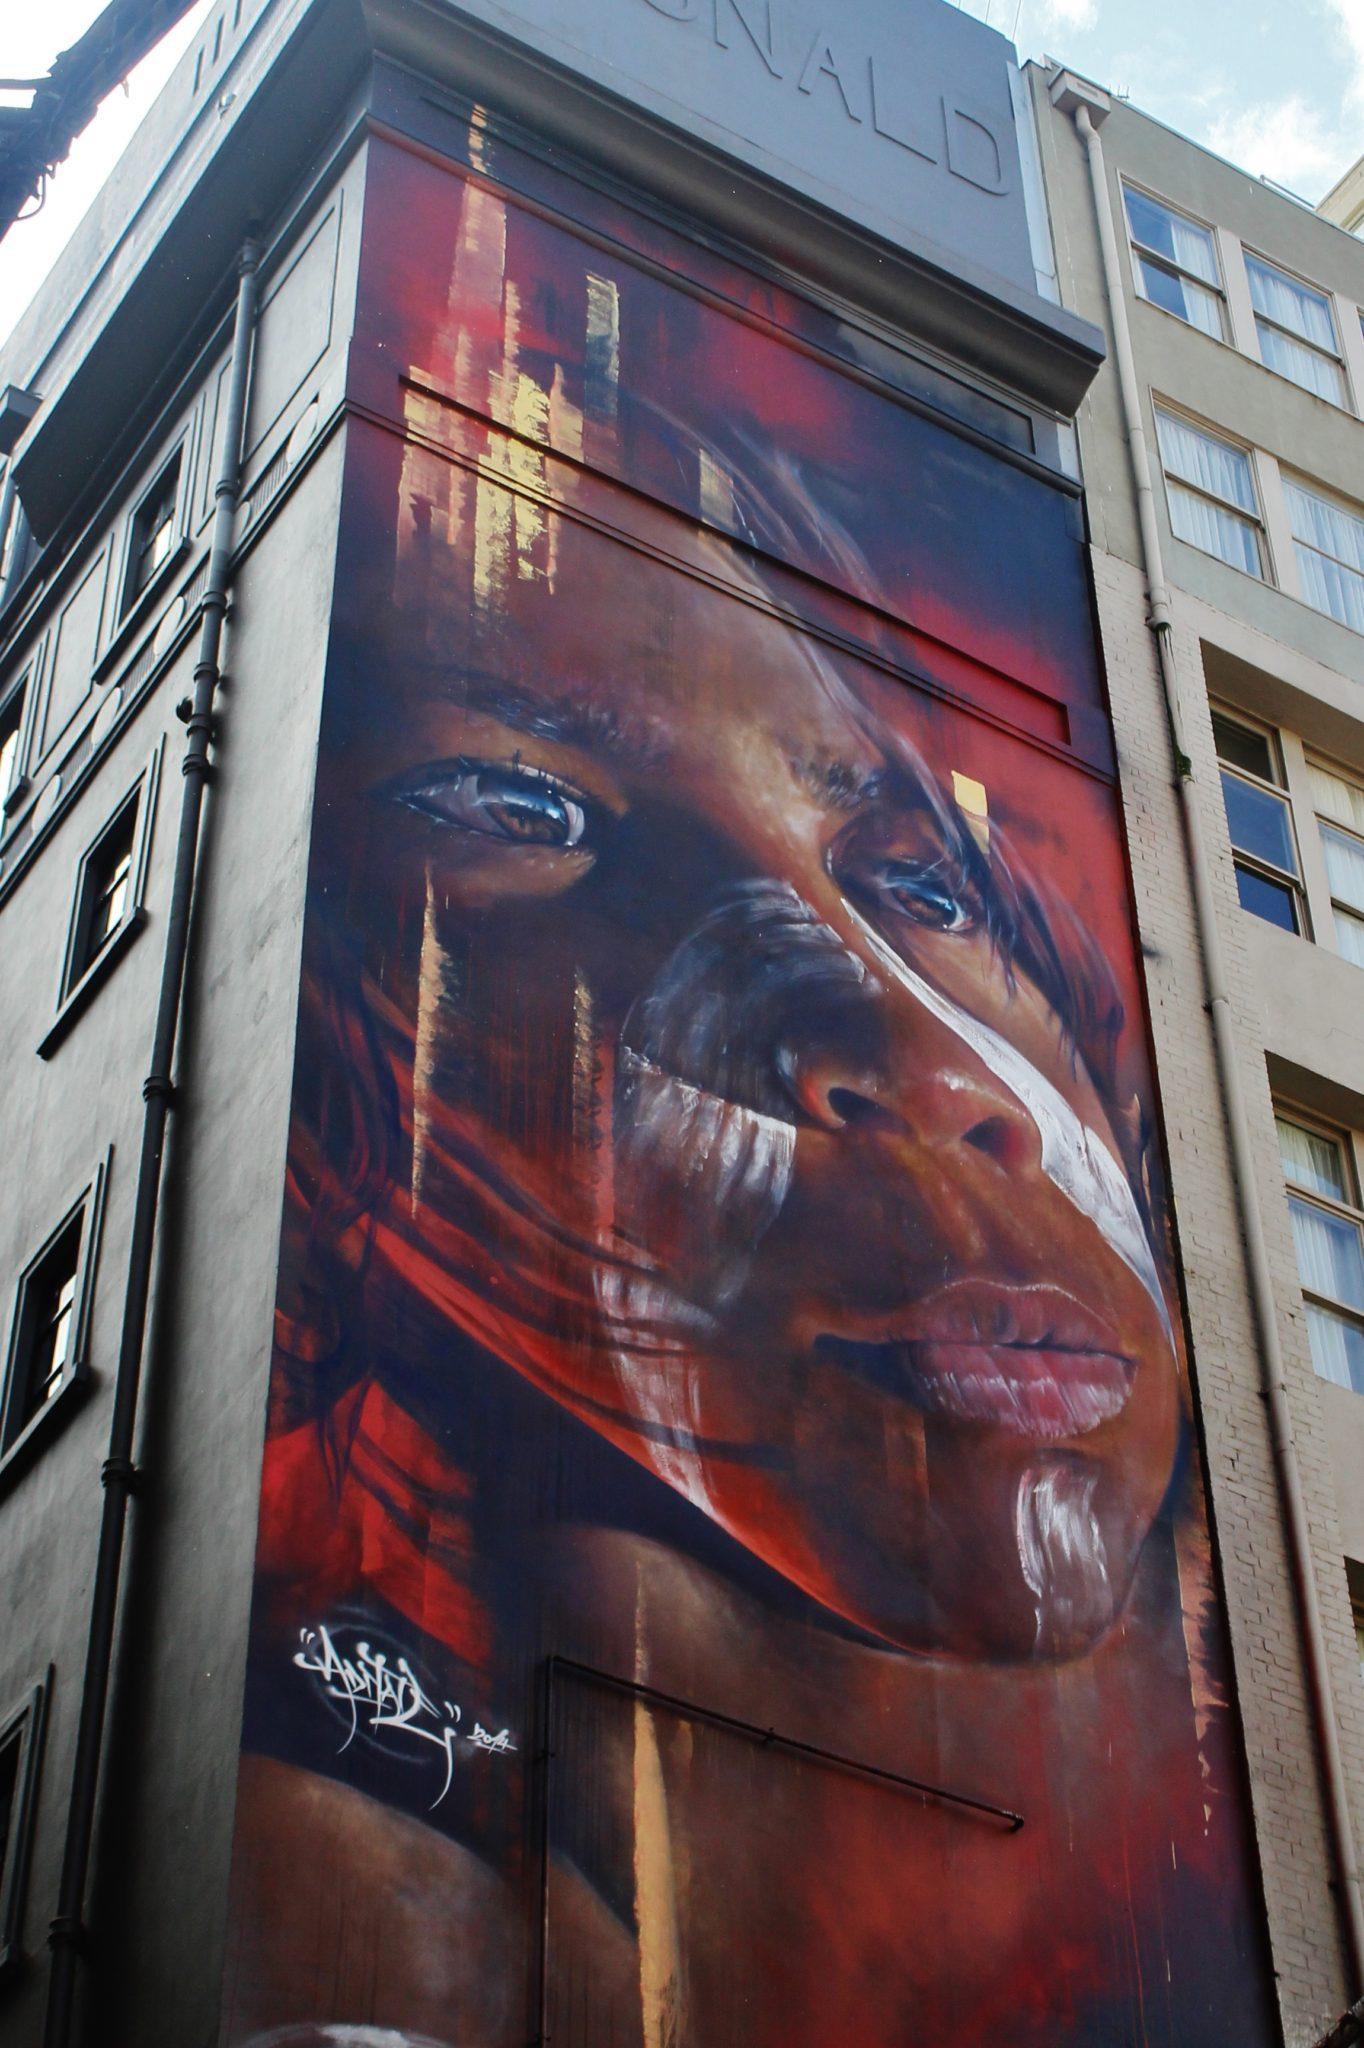 Aboriginal Street Art in Melbourne, Australia